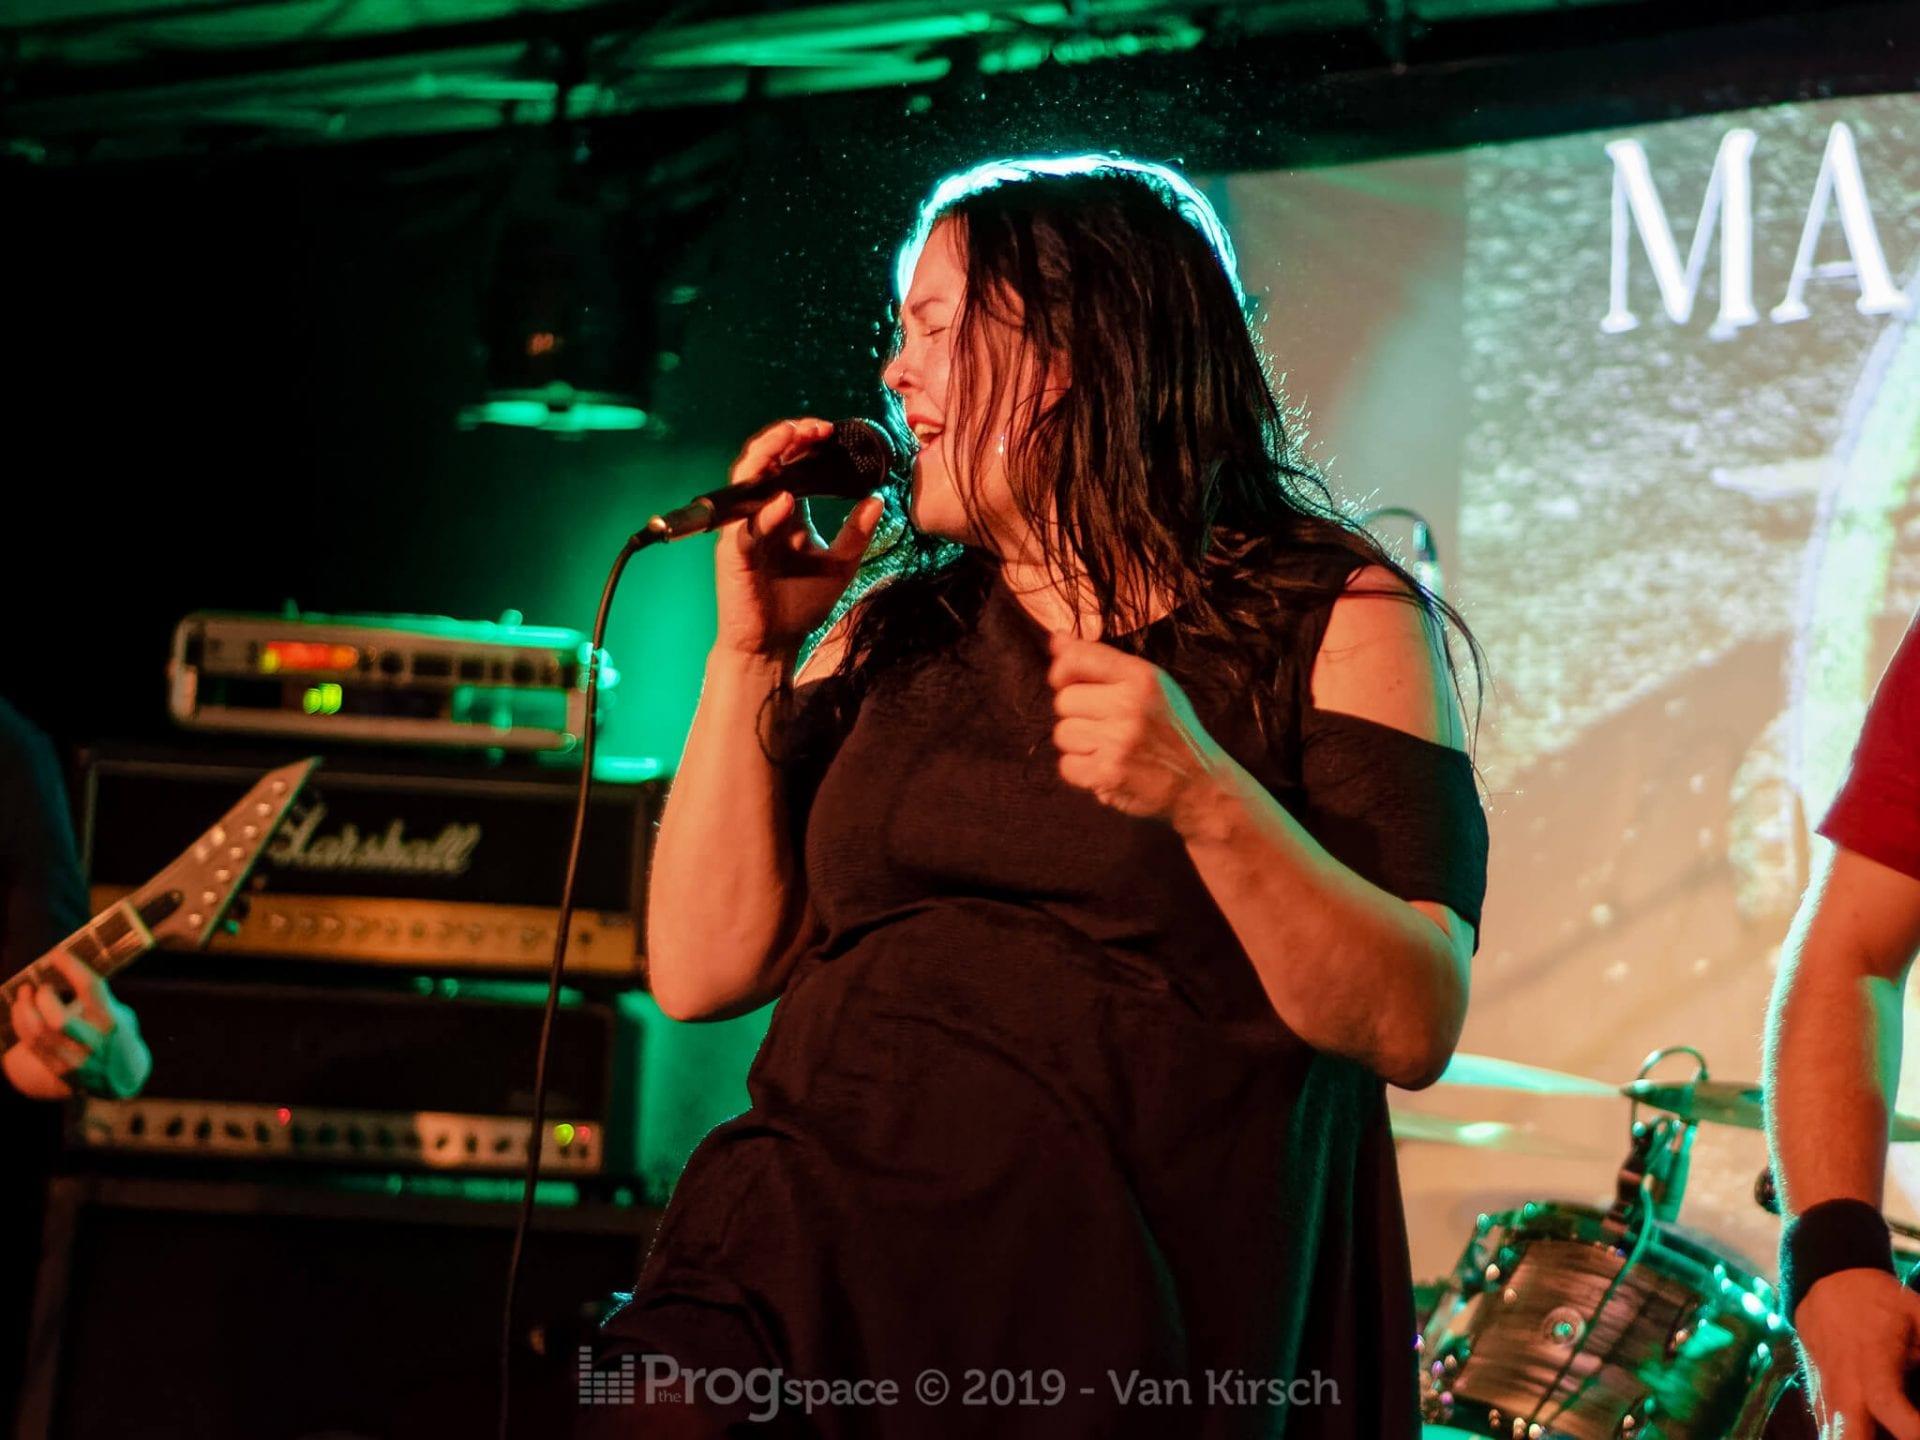 20190503-MadderMortem-05